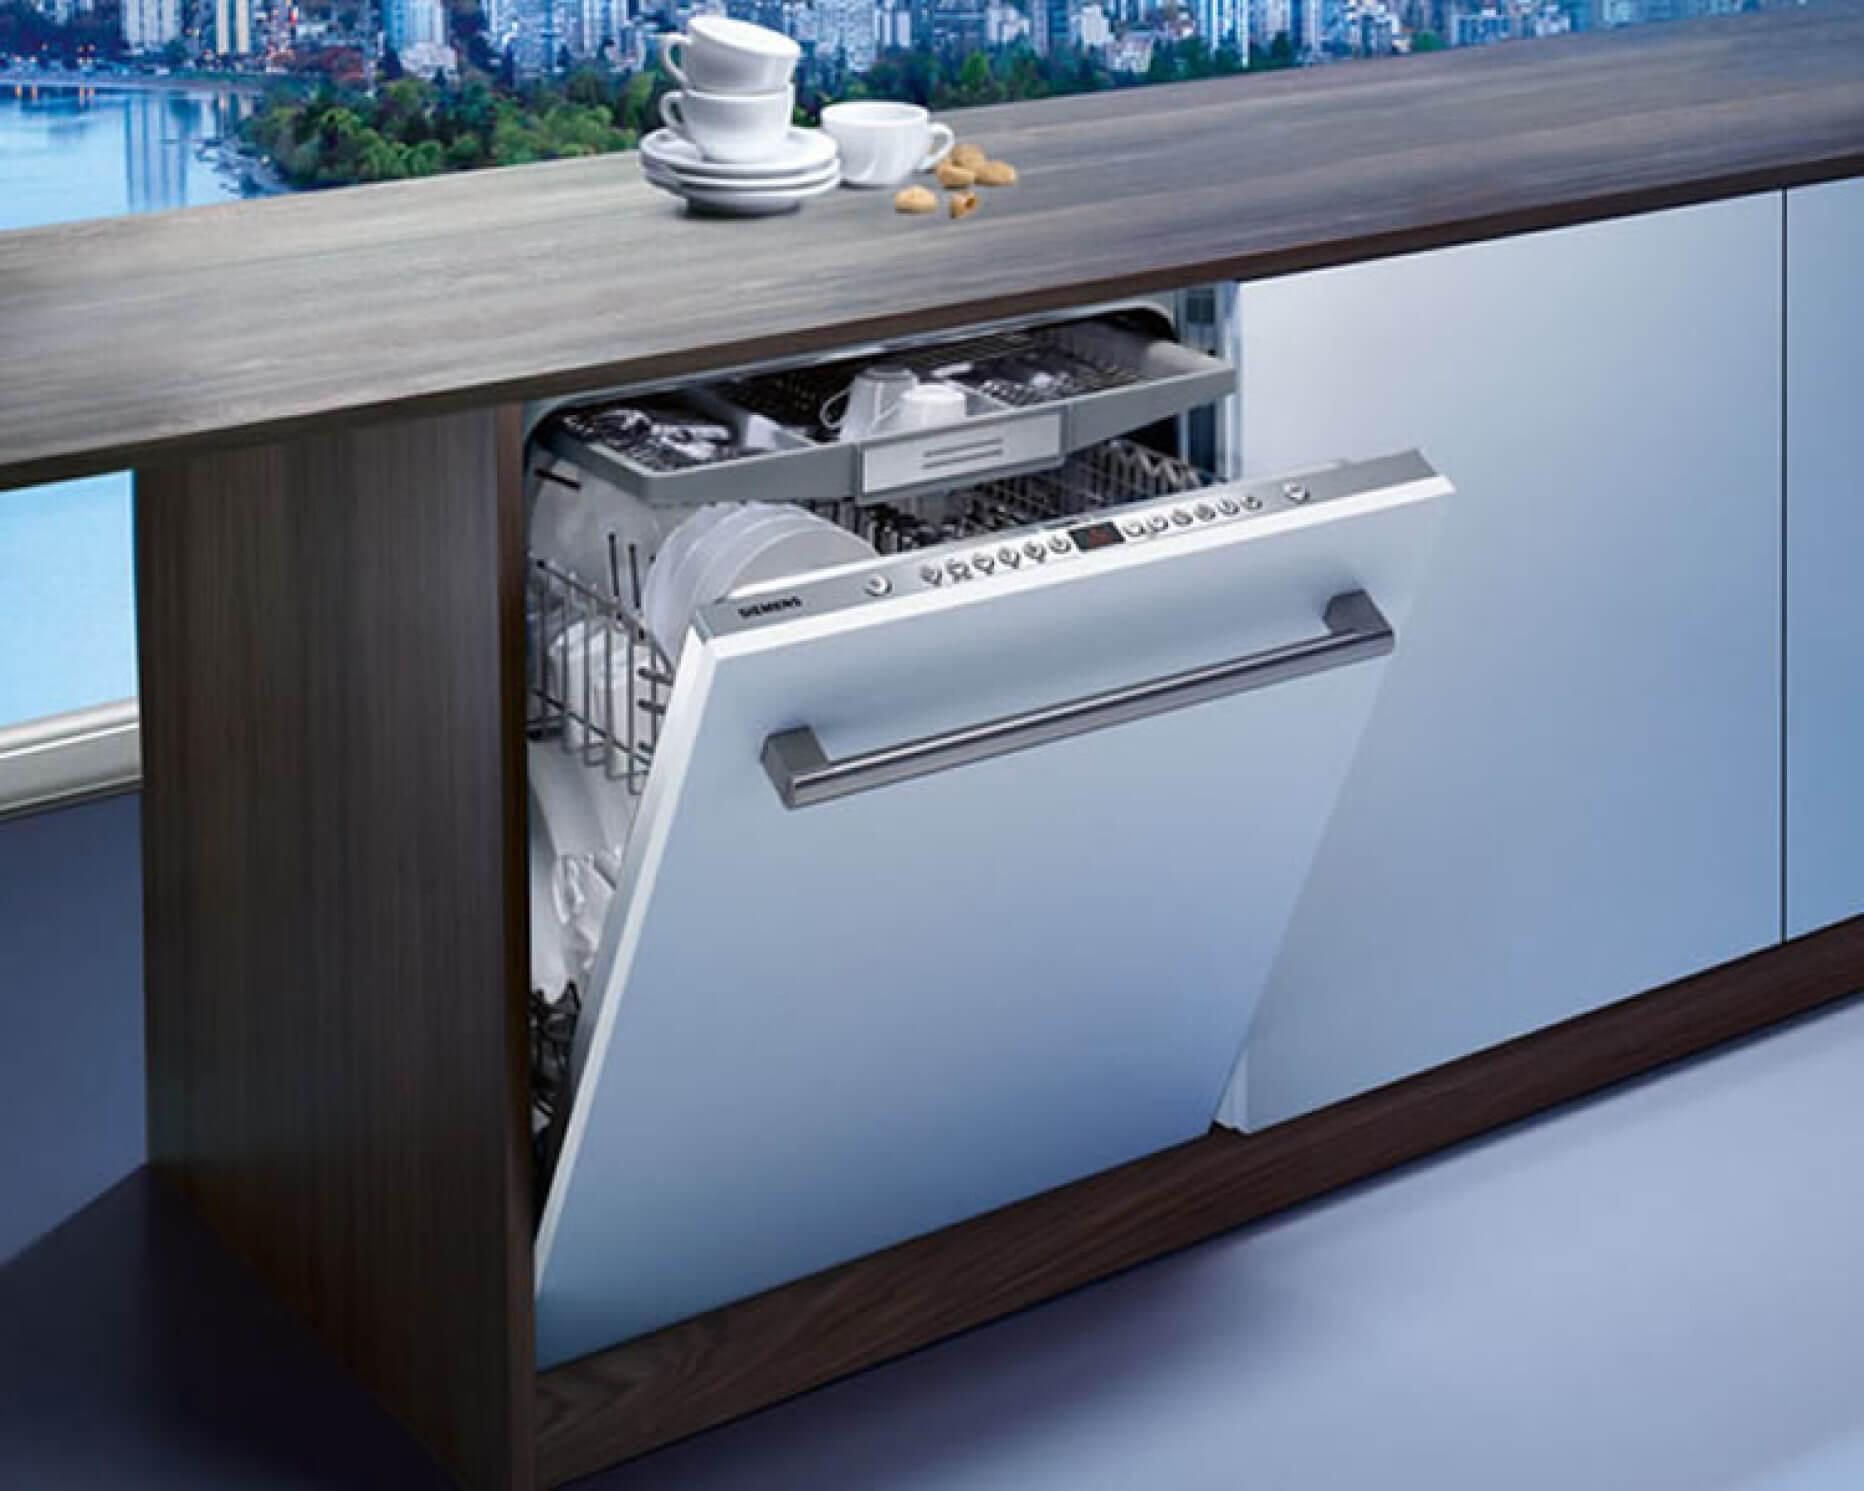 hvilken opvaskemaskine er bedst